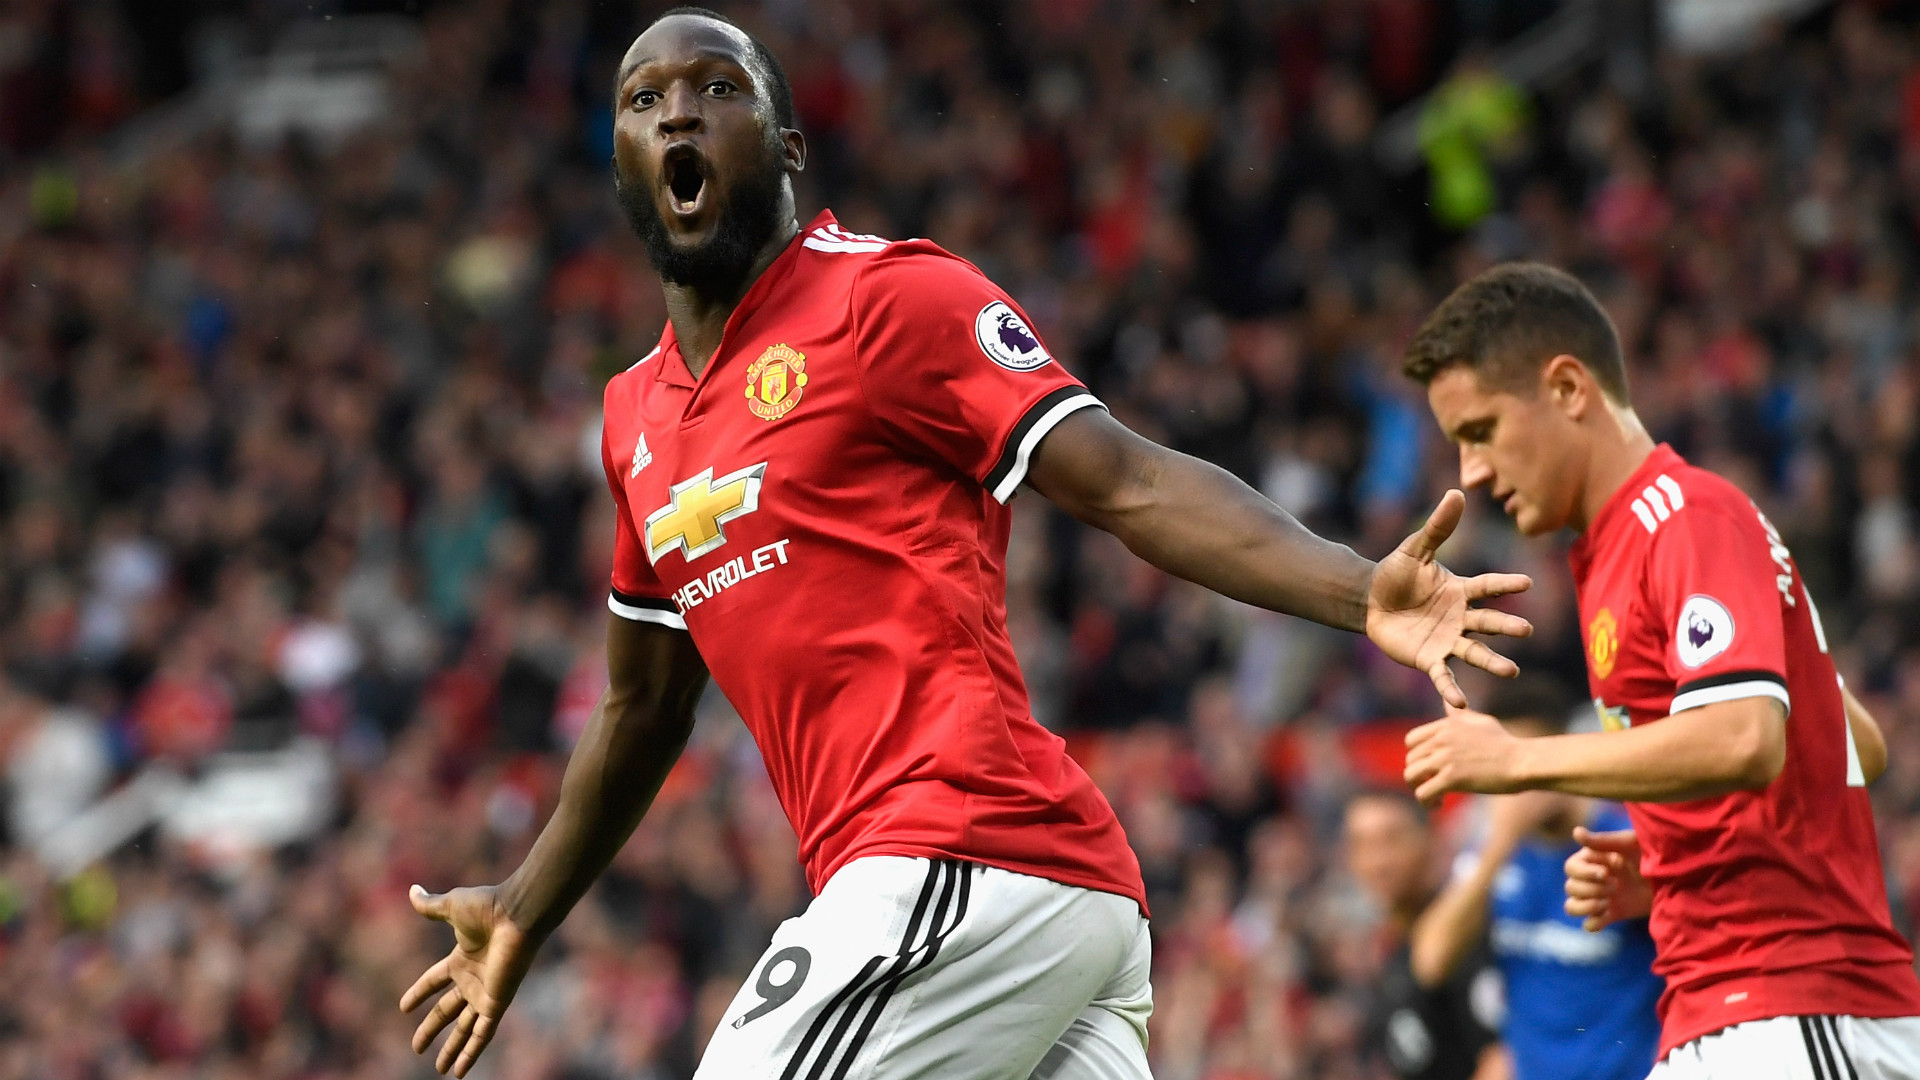 Bailly backs 'great striker' Lukaku